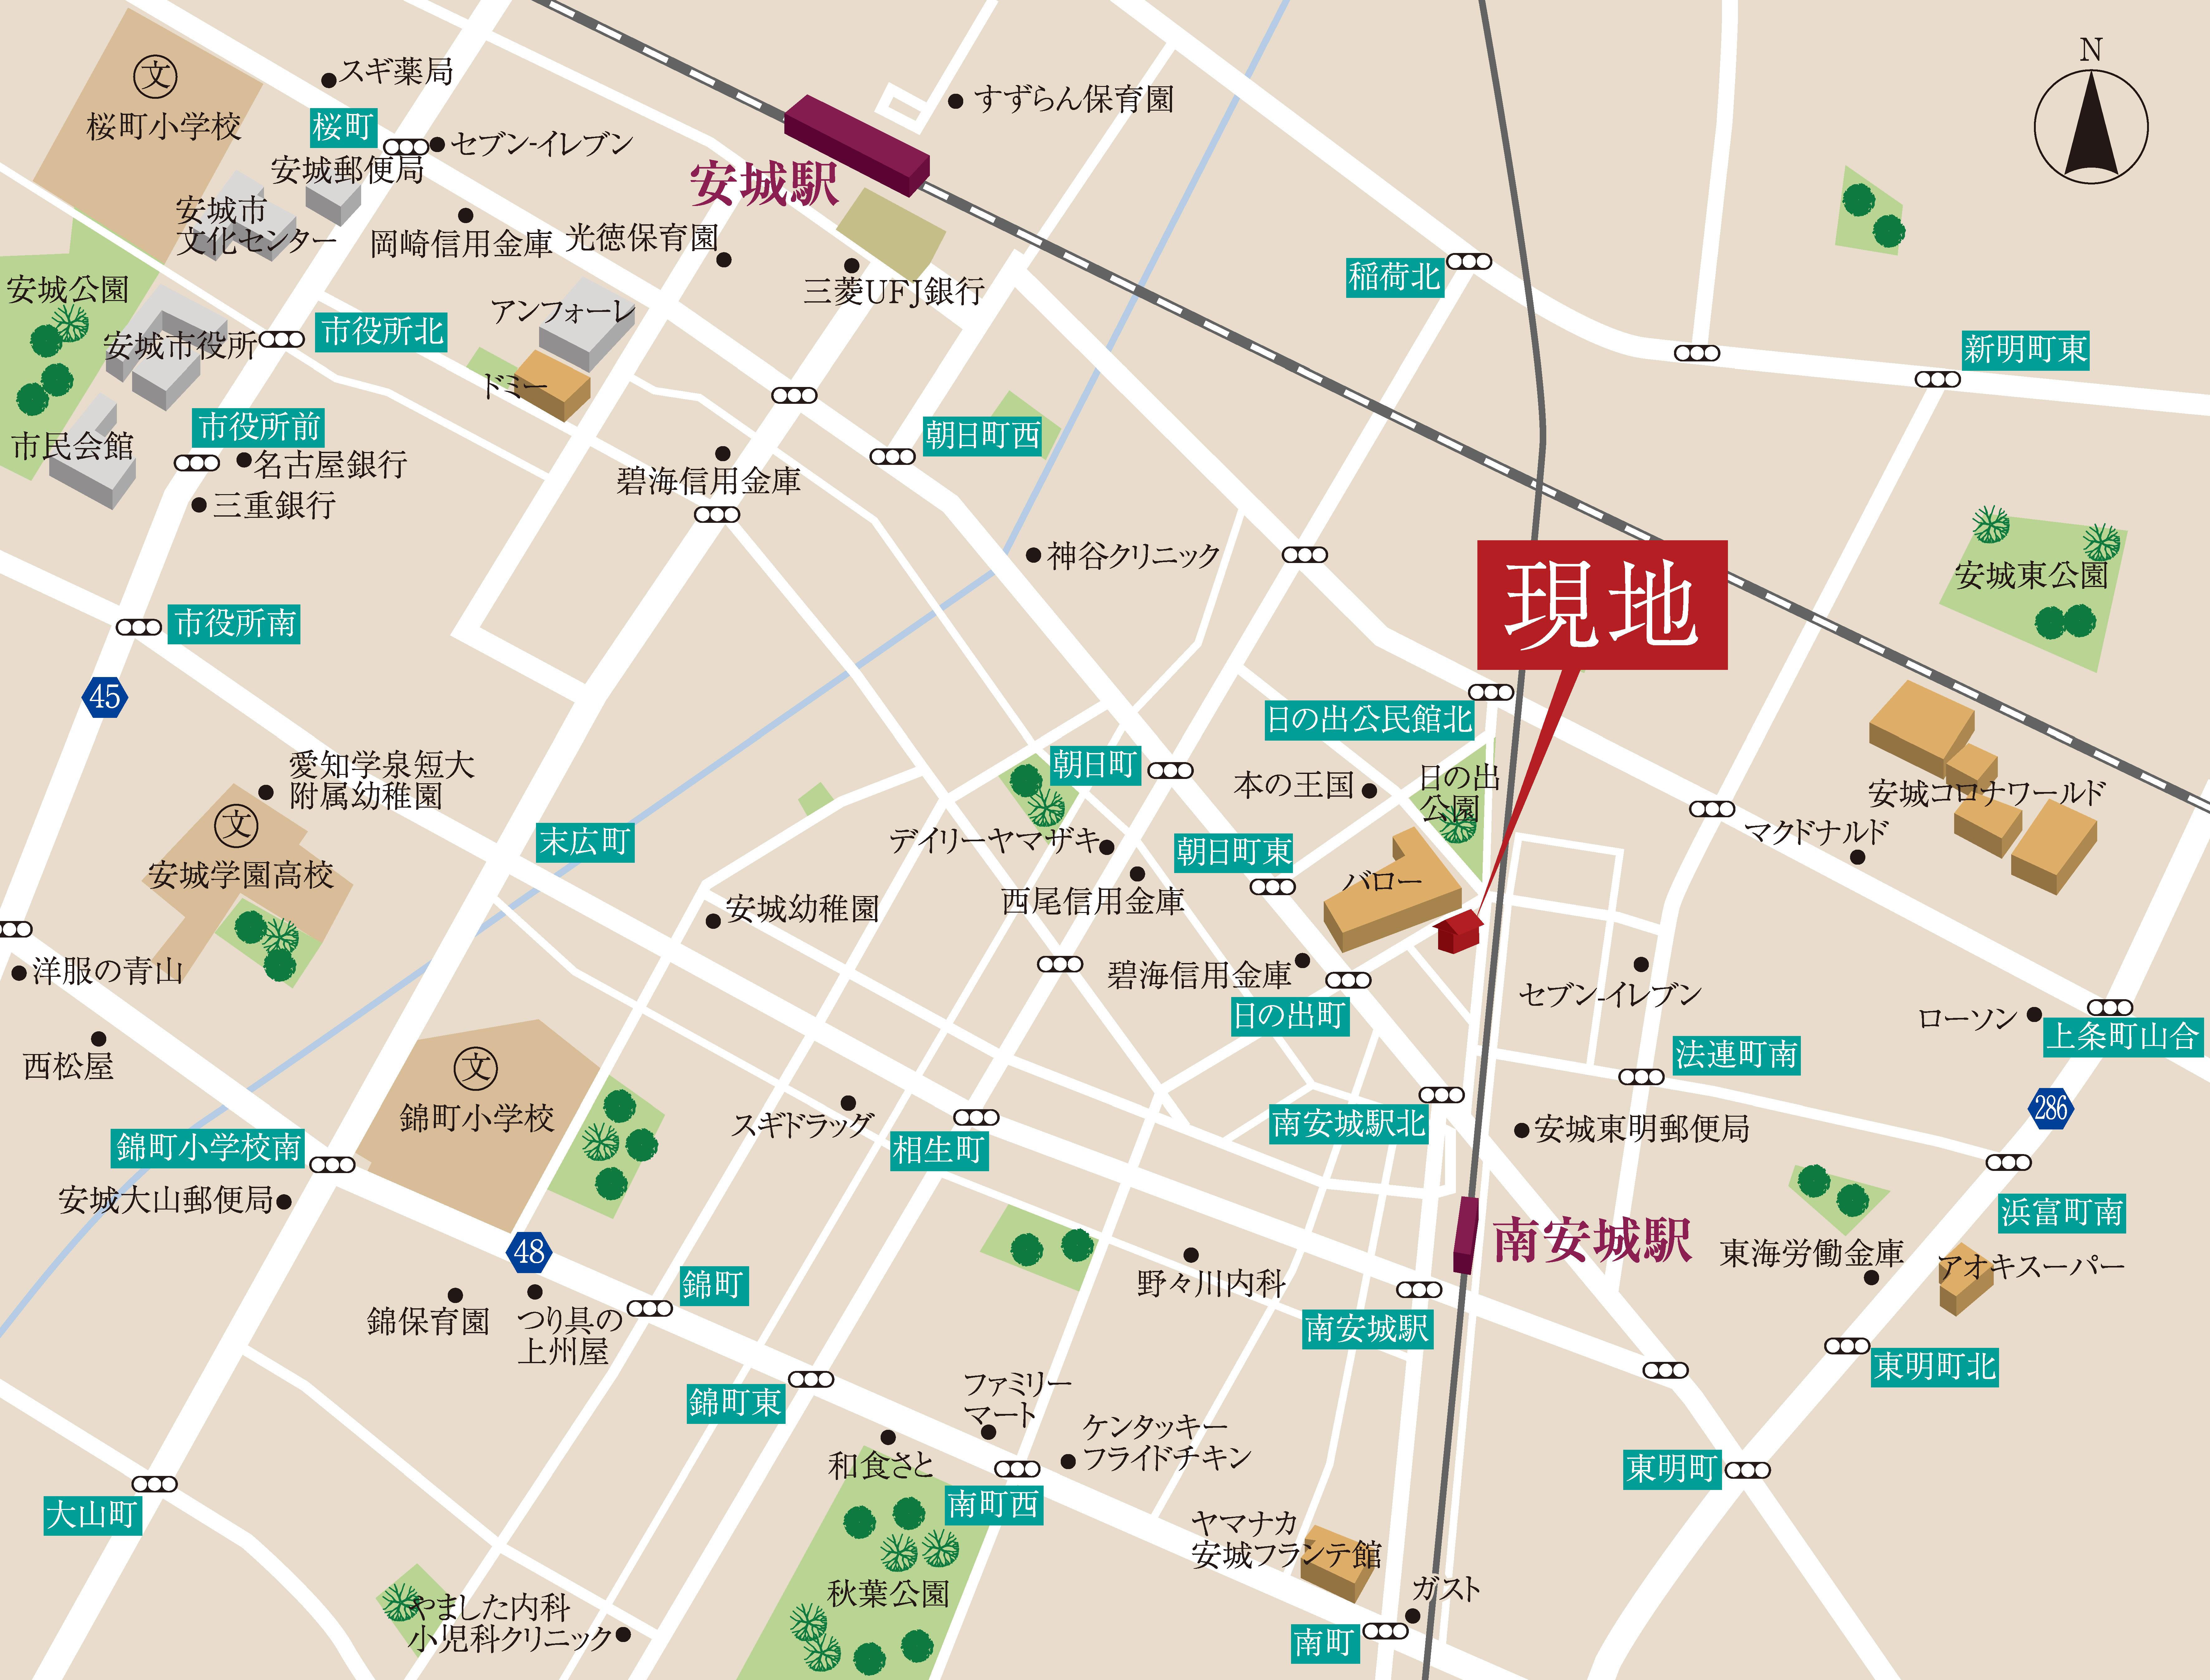 日本、〒446-0033 愛知県安城市日の出町2−27 シェードル・ハイツⅡ